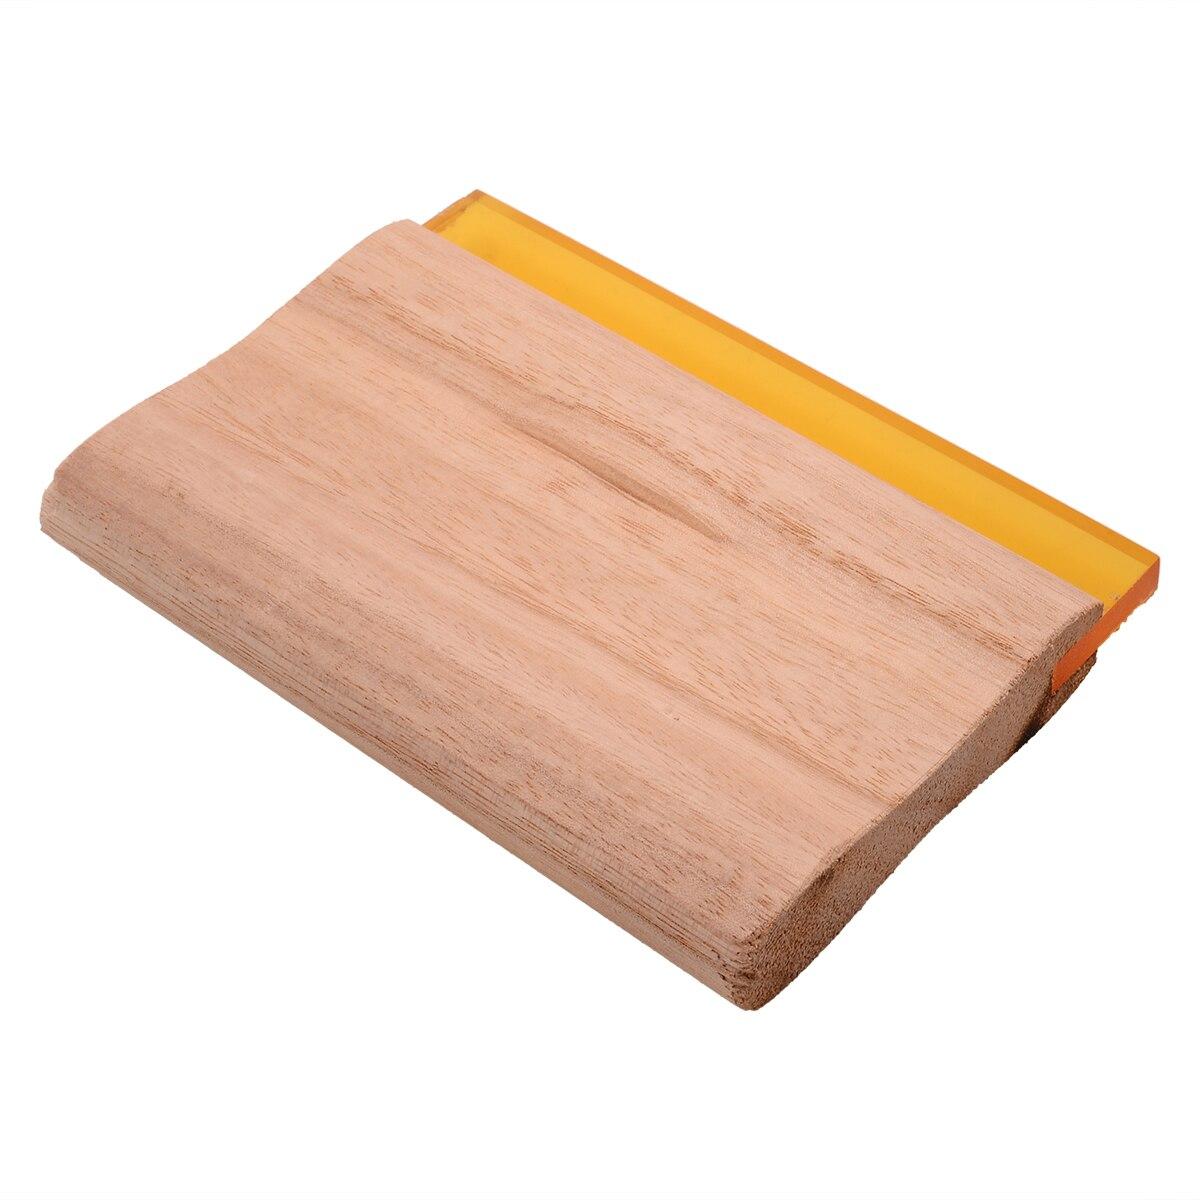 6 pulgadas de longitud Serigrafía Escurridor Mango de madera Seda - Piezas para maquinas de carpinteria - foto 4